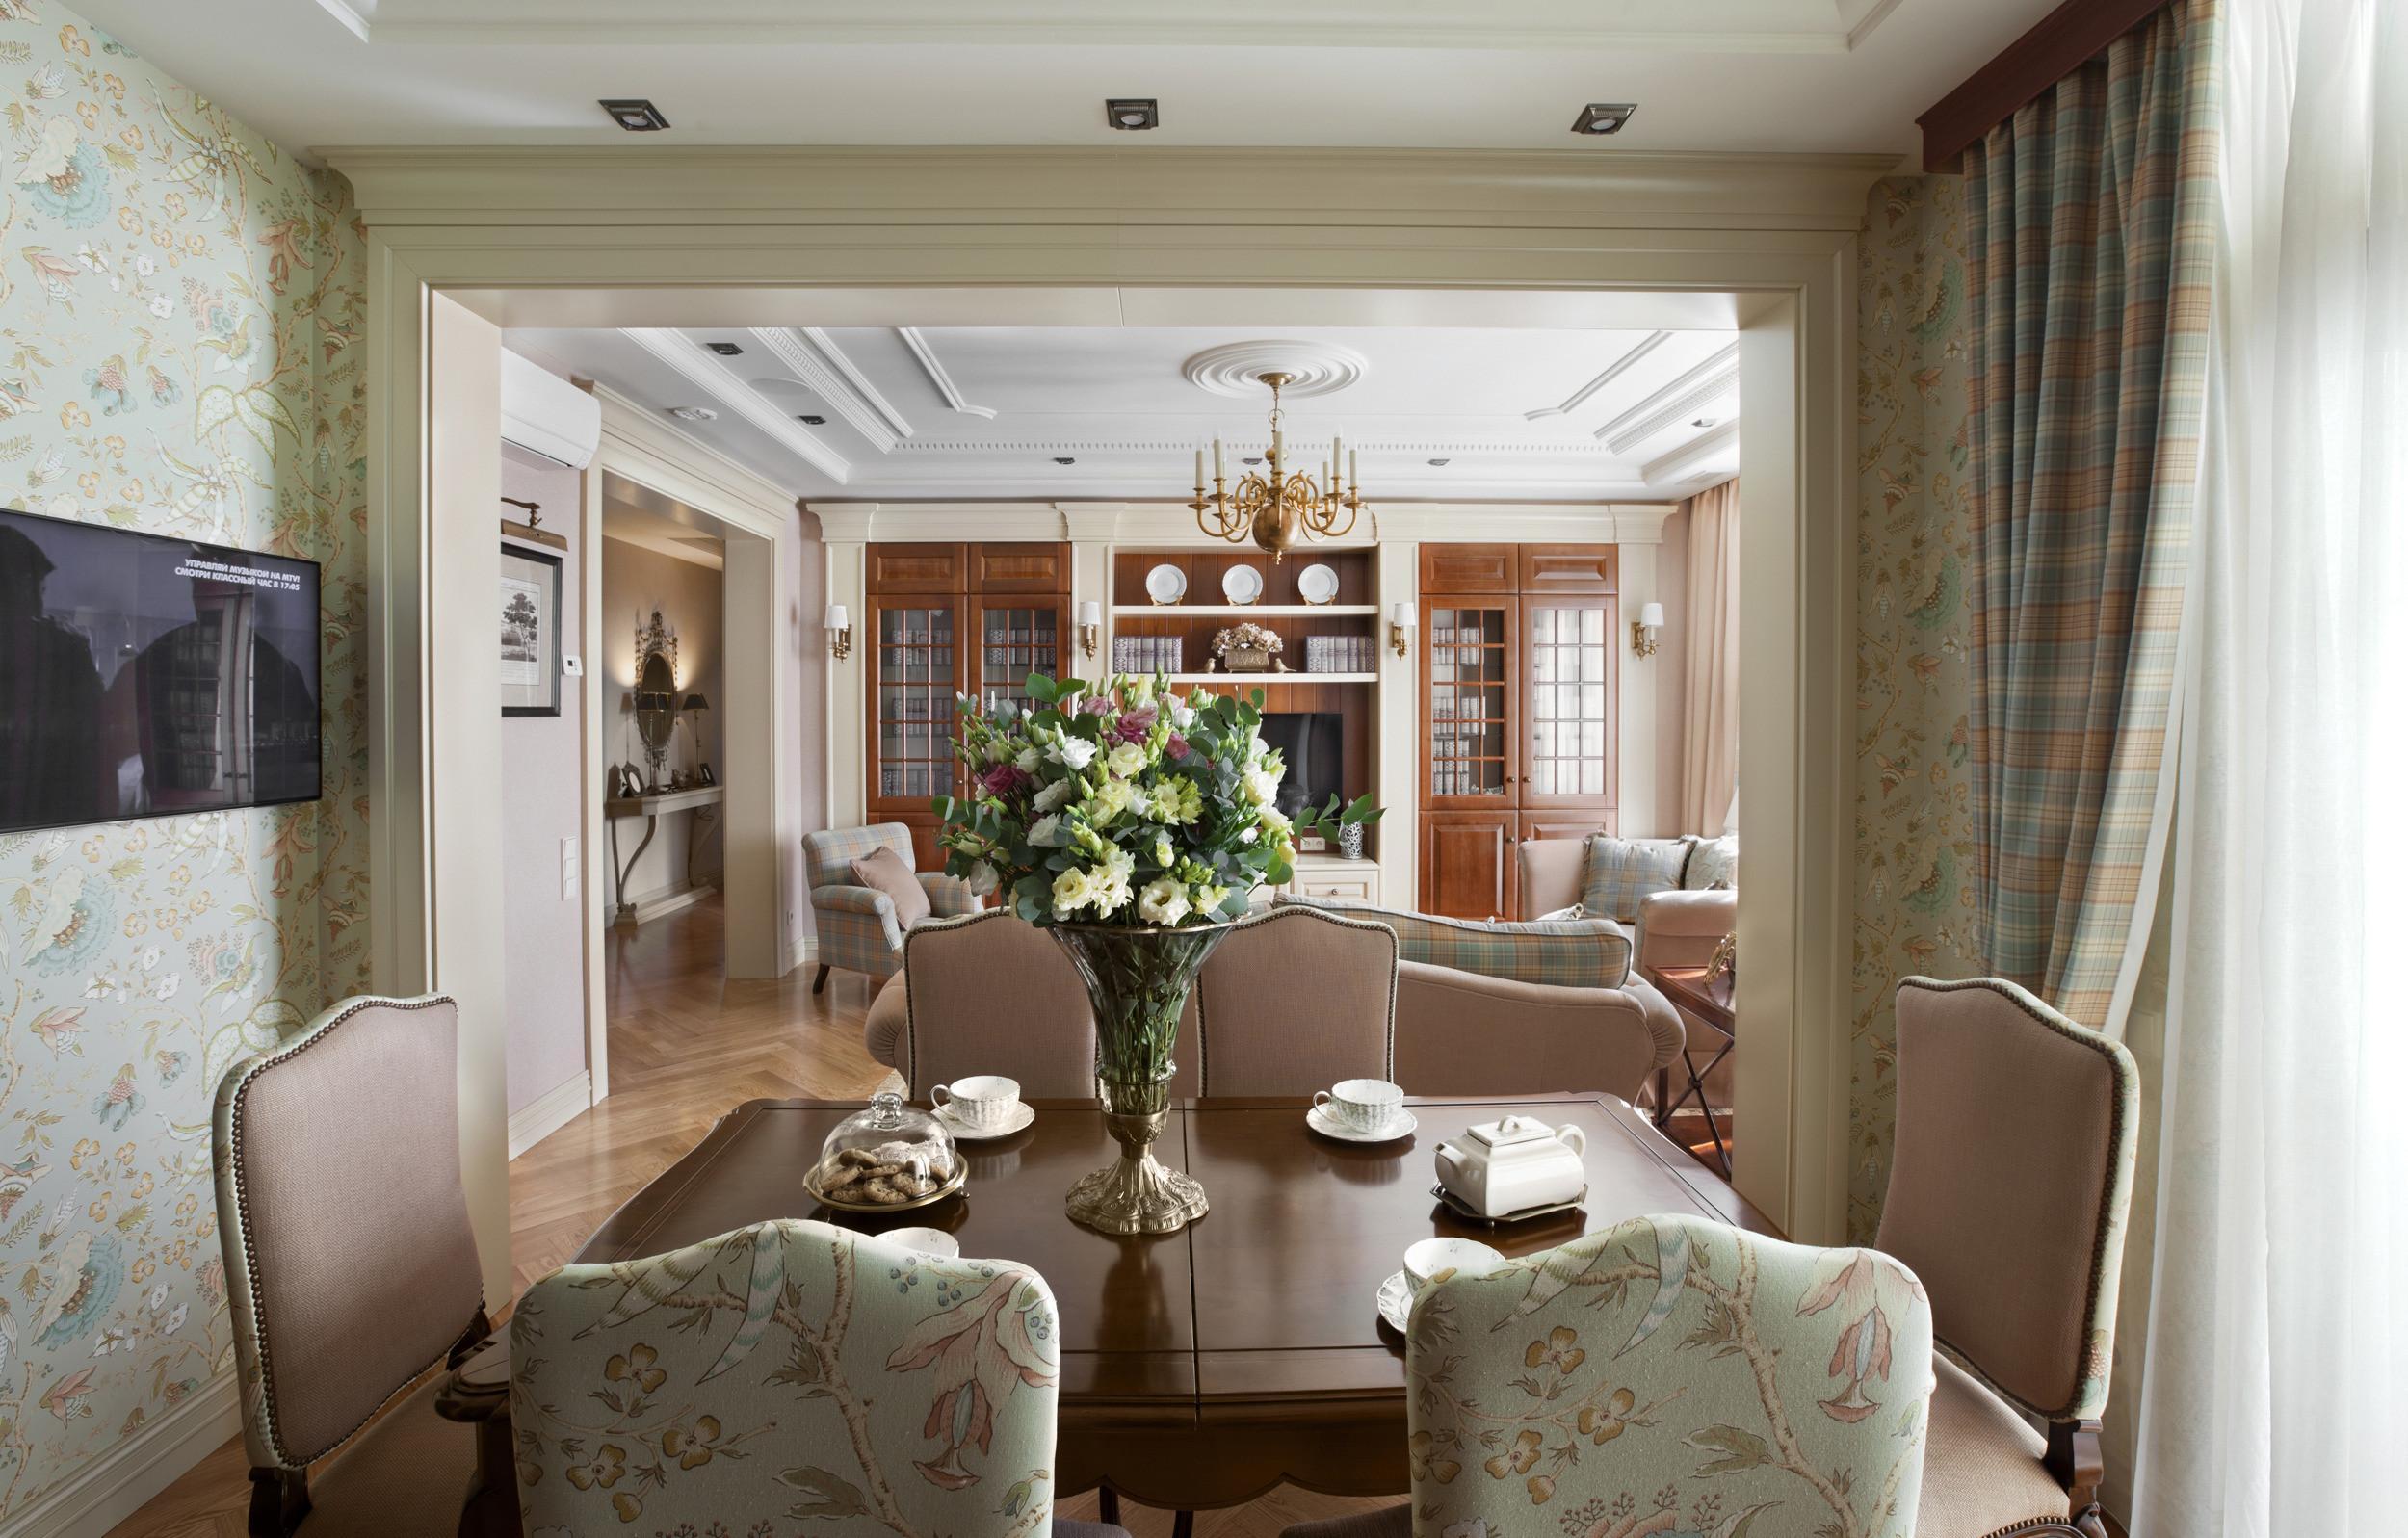 Обои с растительным узором для столовой в английском стиле. Деревянная мебель мягкого бежевого цвета и другие деревянные элементы – традиционный выбор